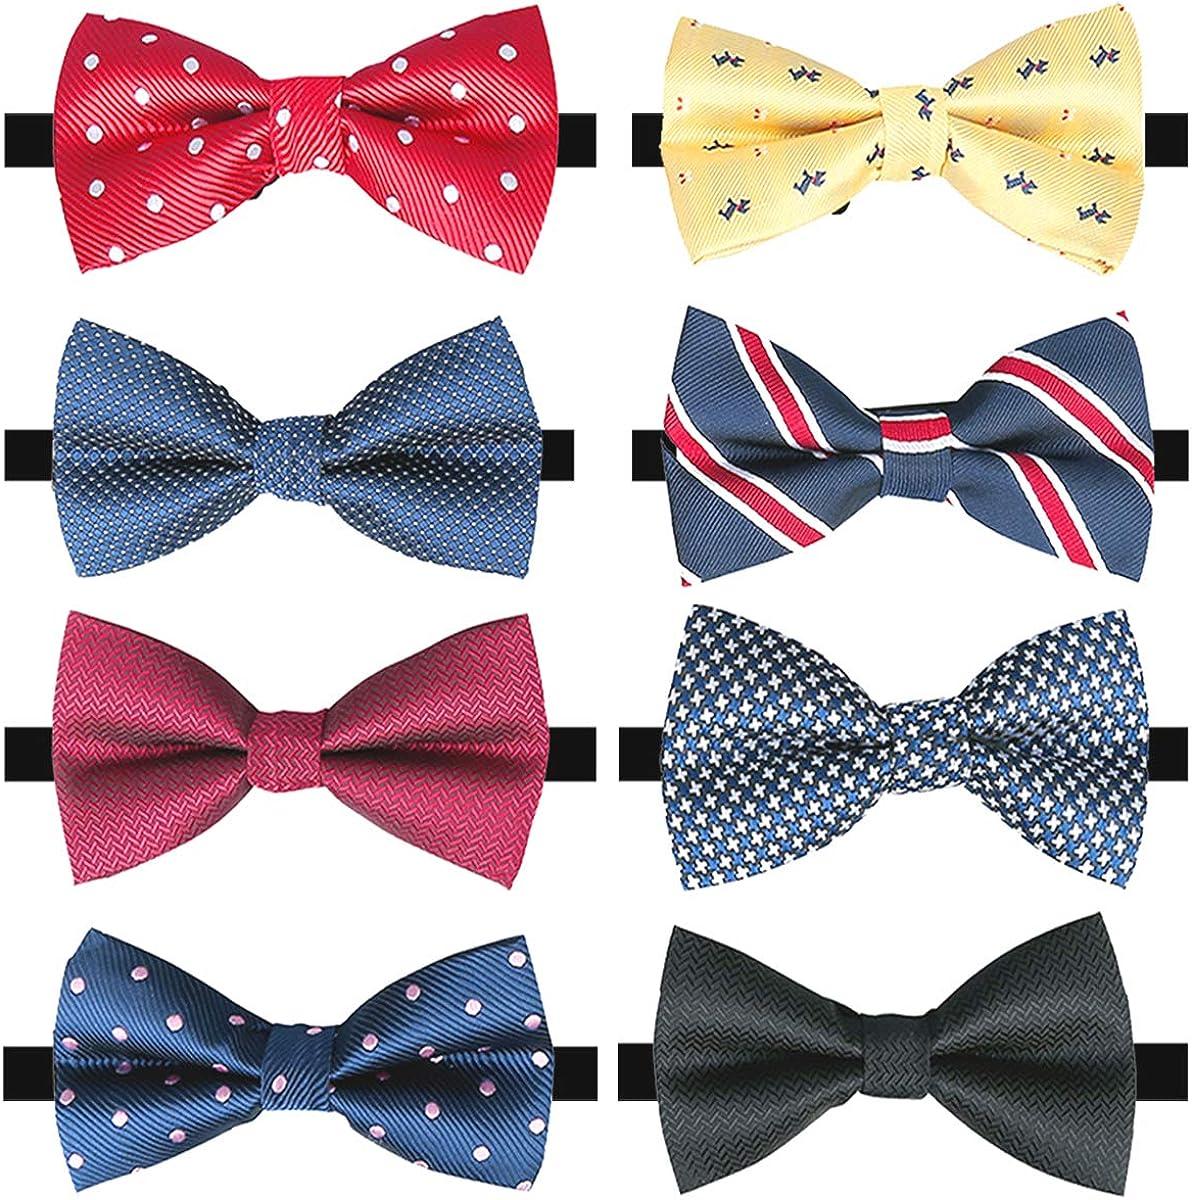 Bowties Nautical Bow Tie Starfish Bow Tie Mens Bow Tie Bow Tie Bowtie Bow Ties Ocean Bow tie